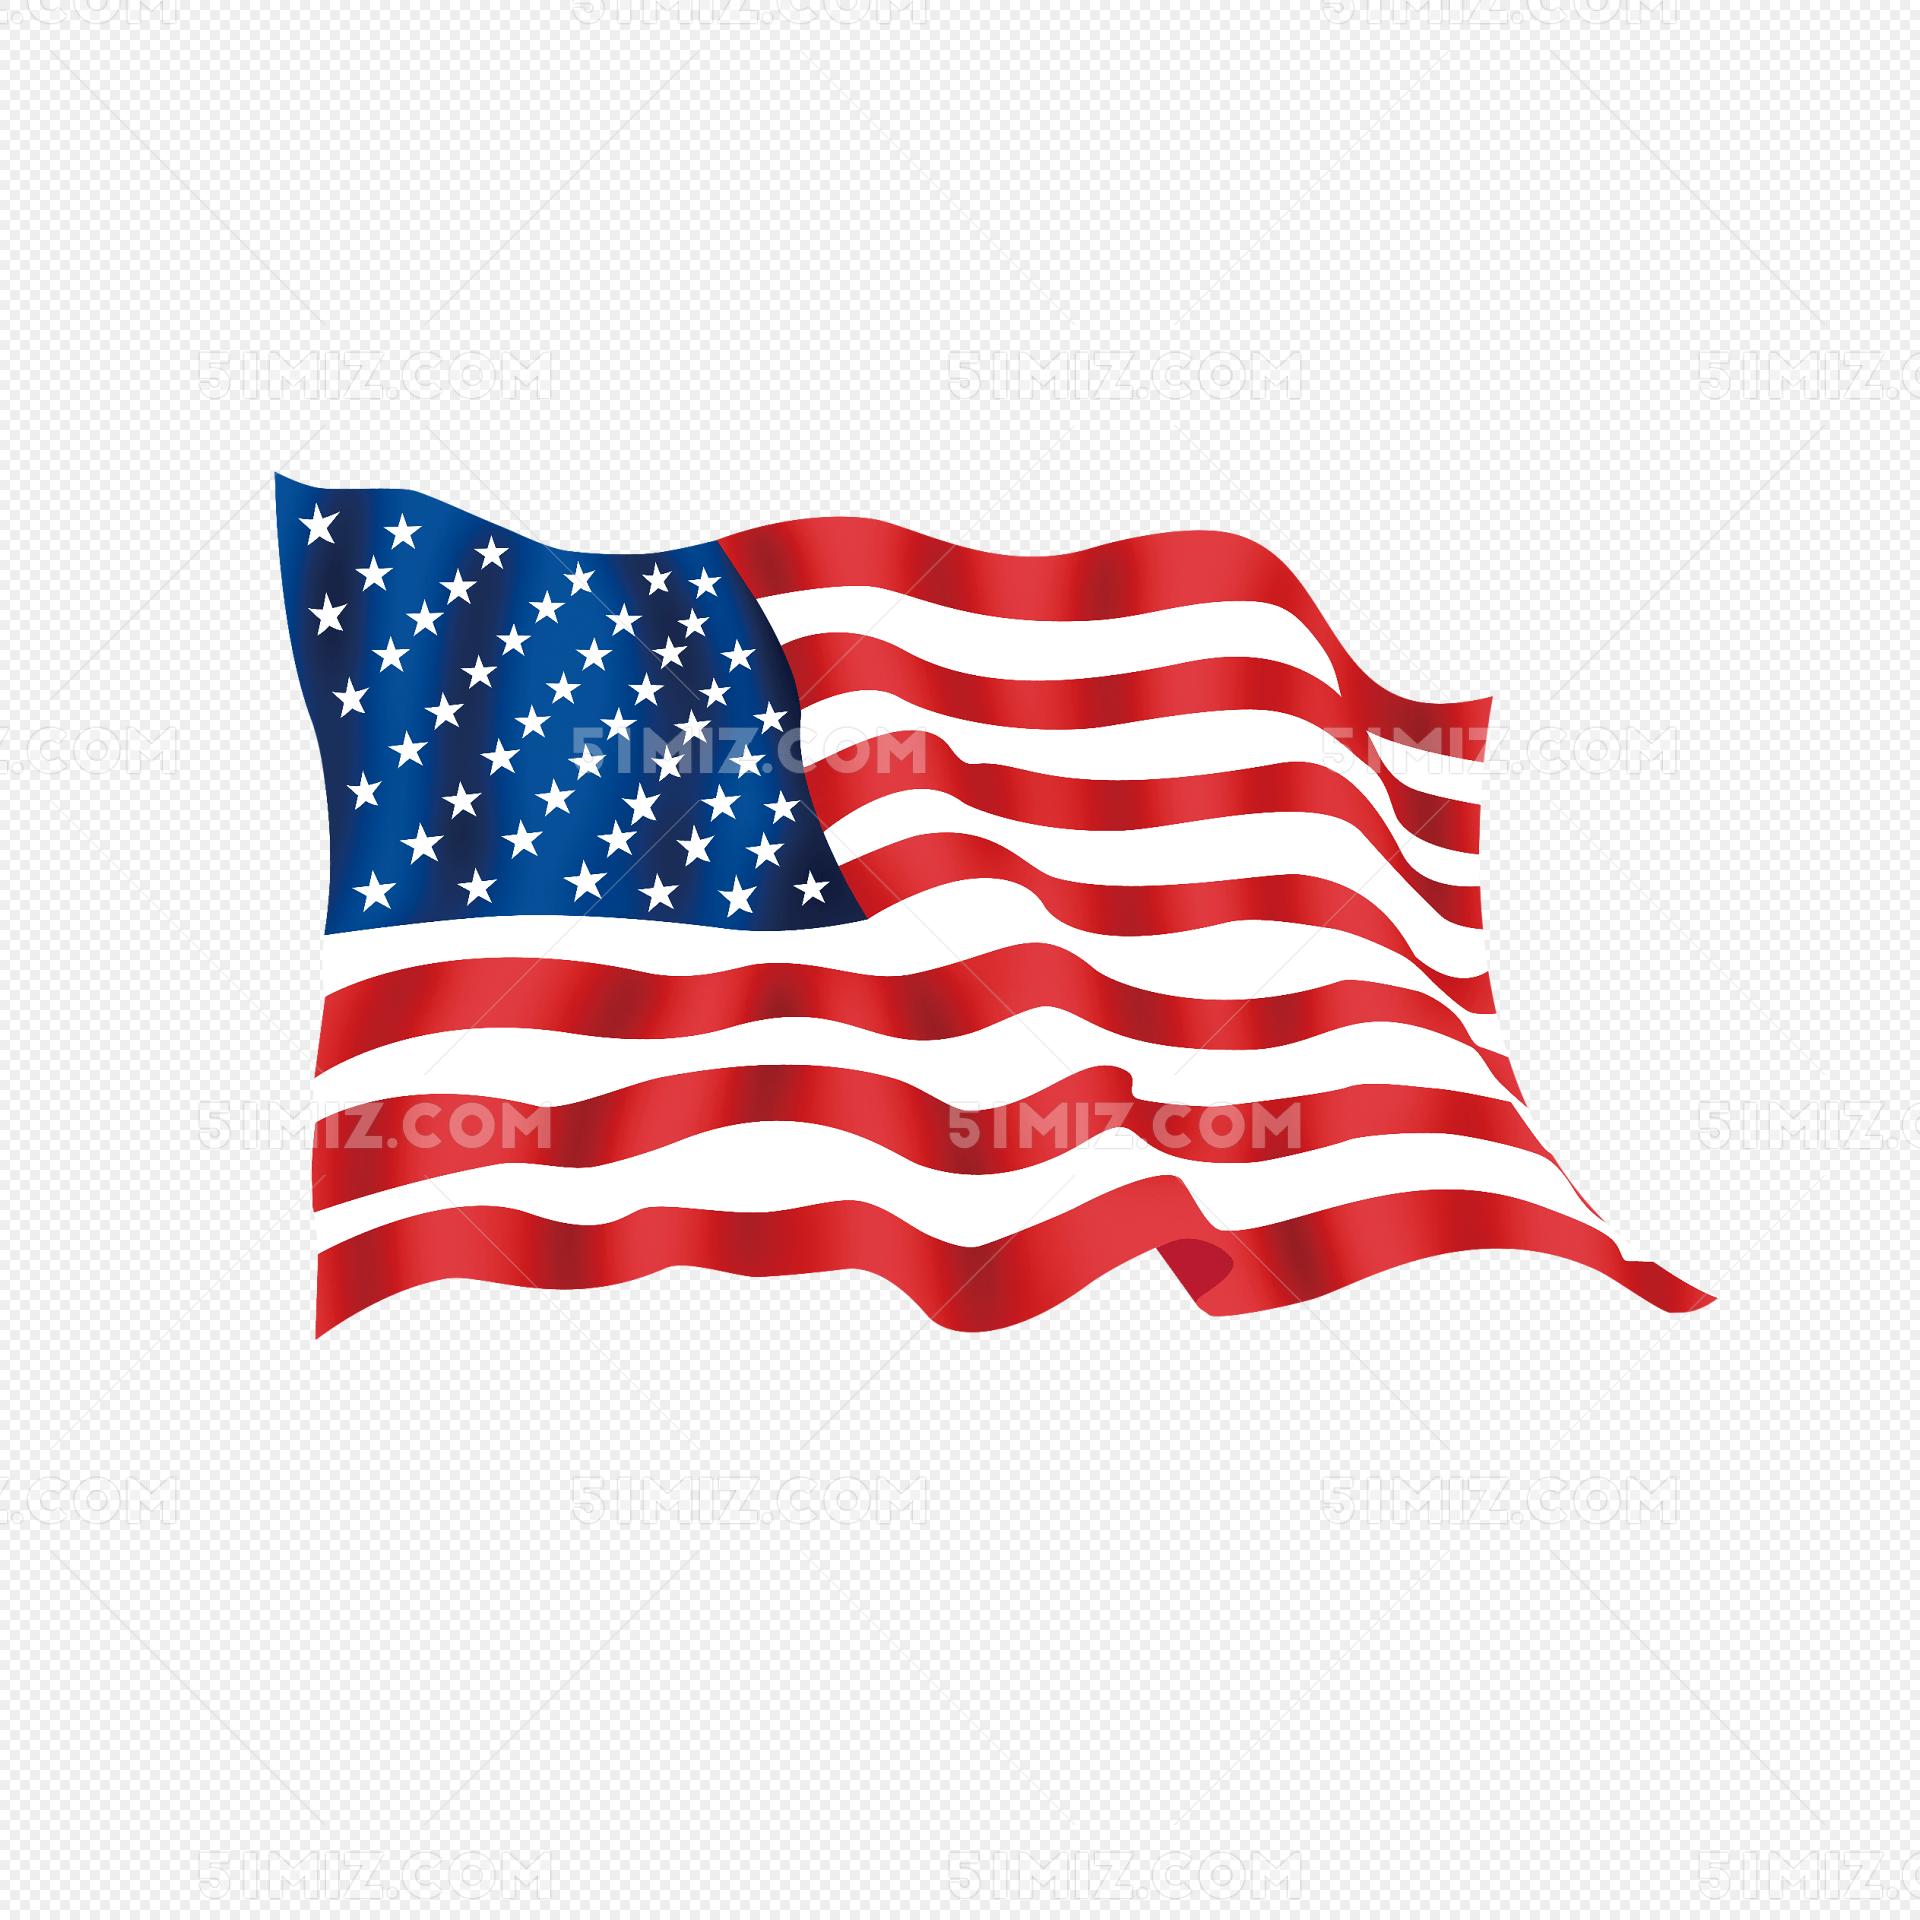 美国国旗图片大图_美国国旗图片素材免费下载_觅知网